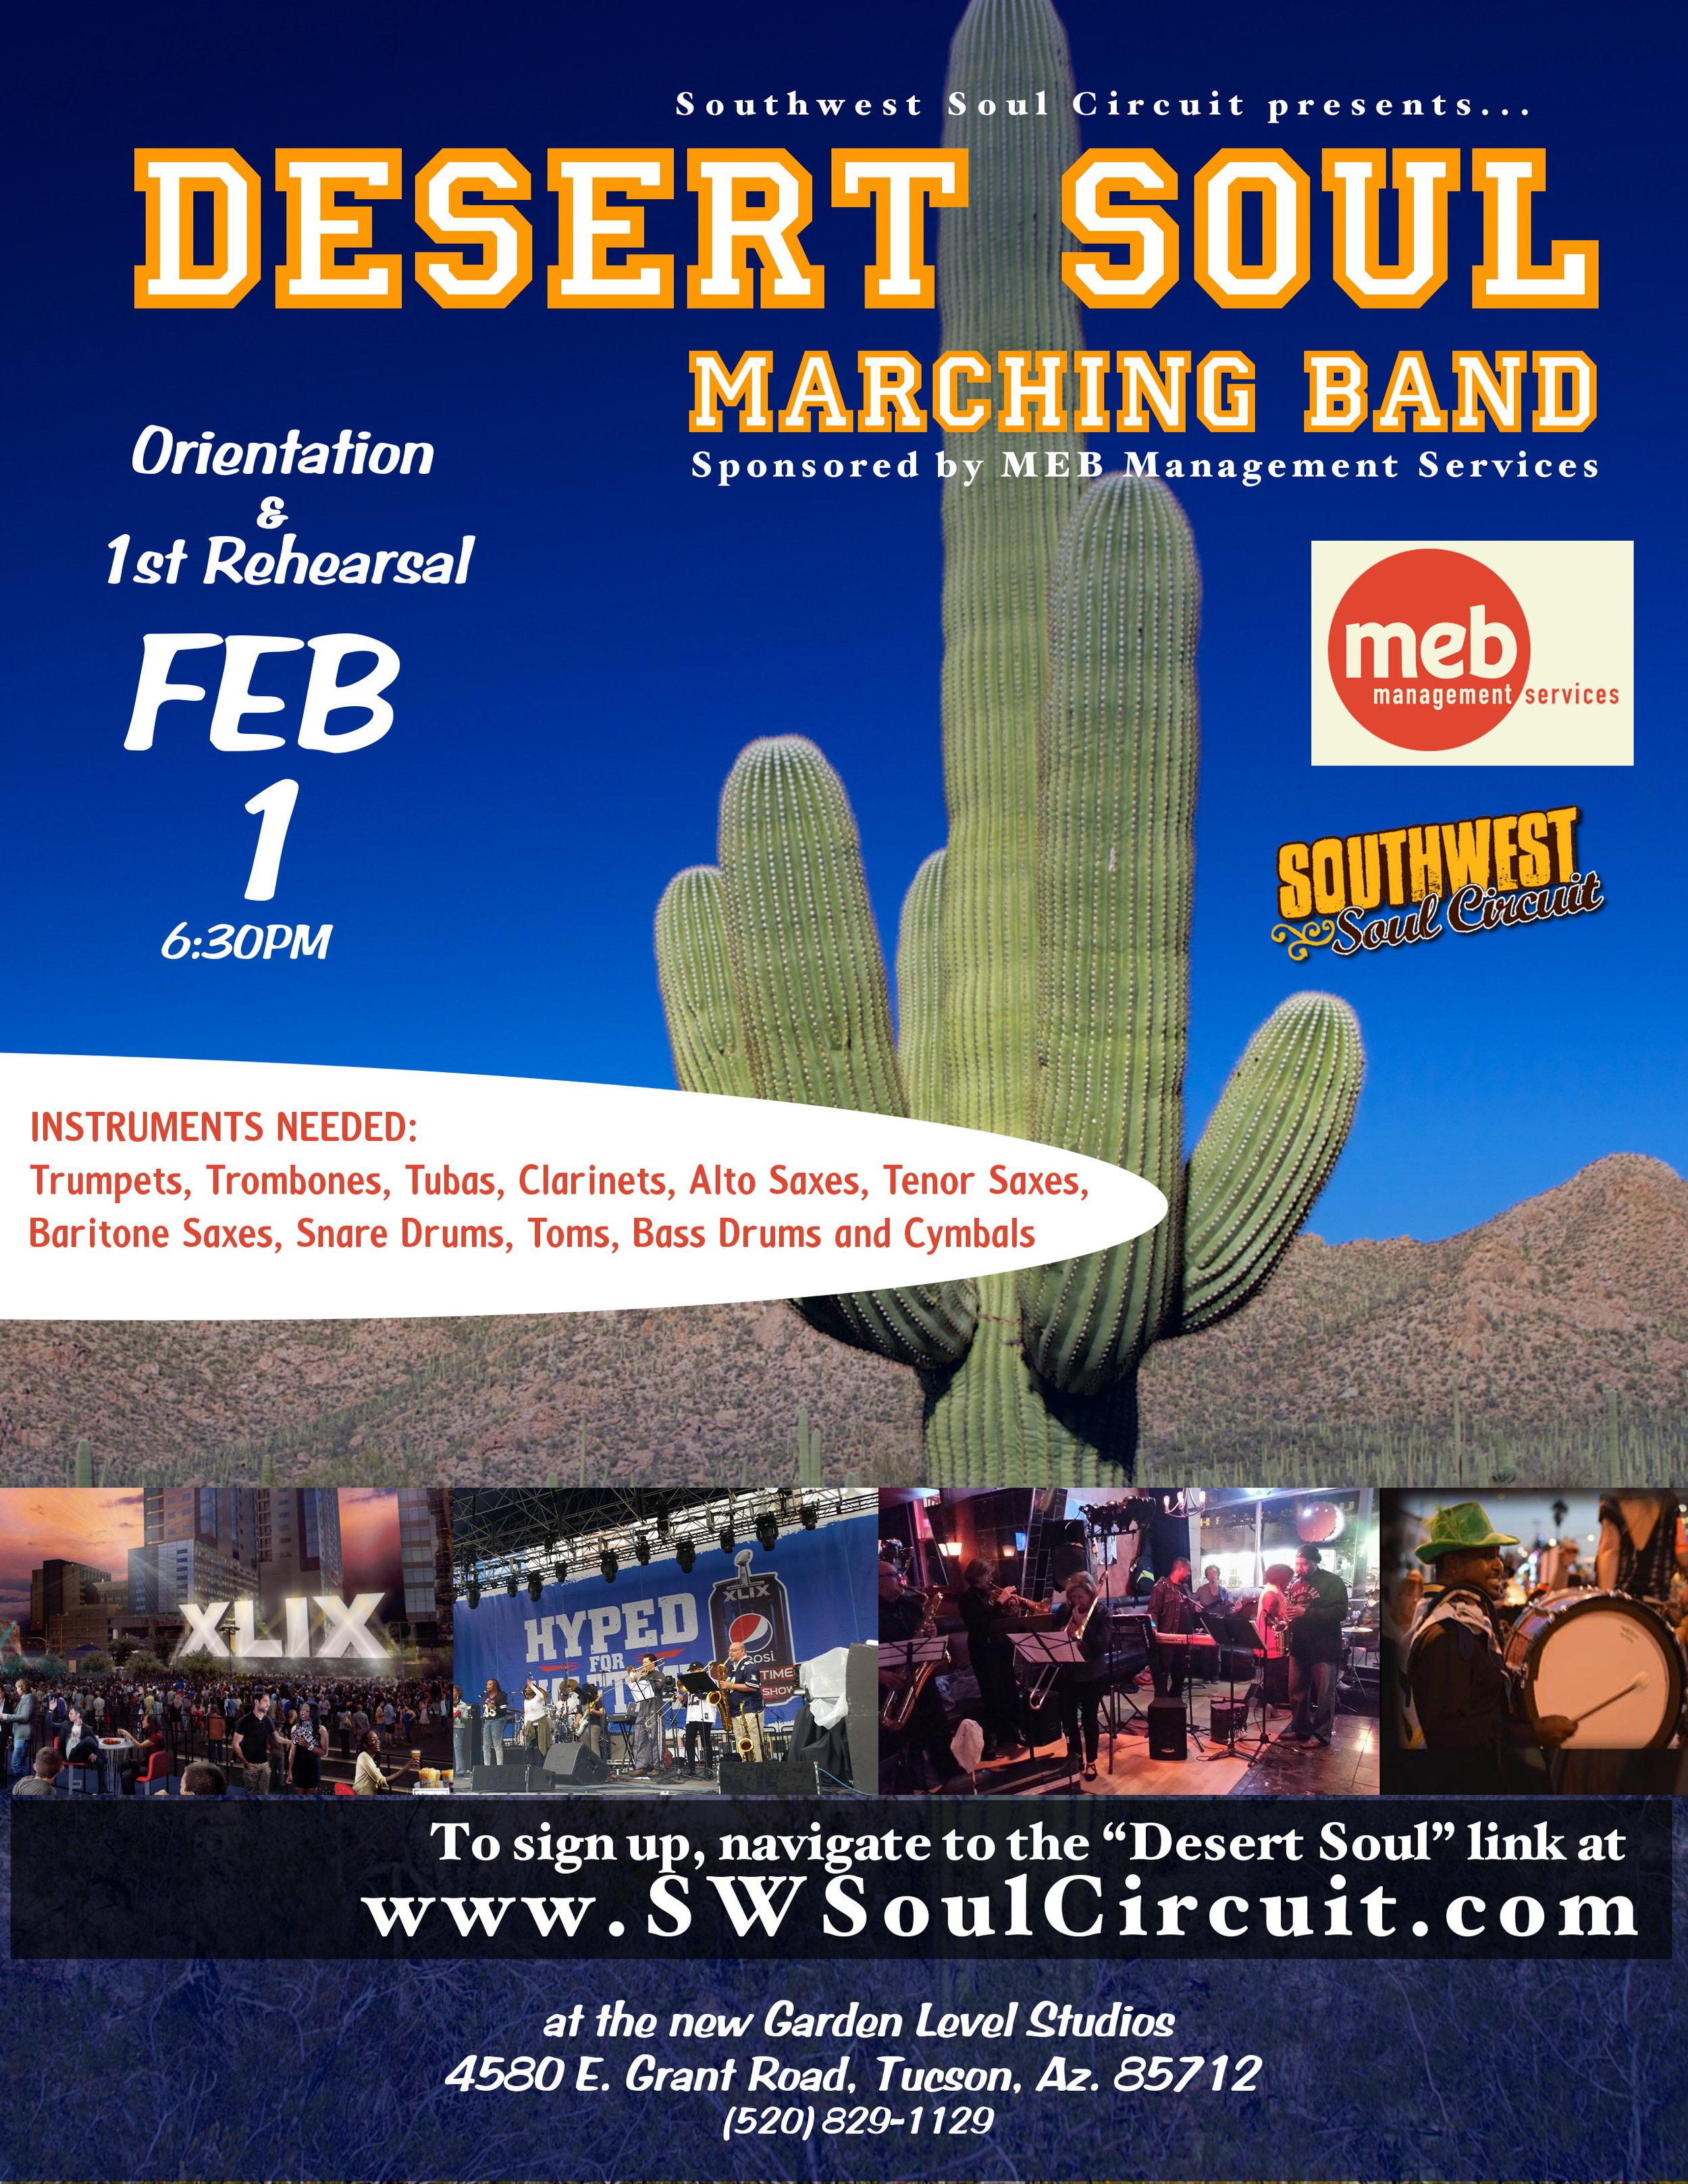 Desert Soul Marching Band - Orientation & Rehearsal.jpg